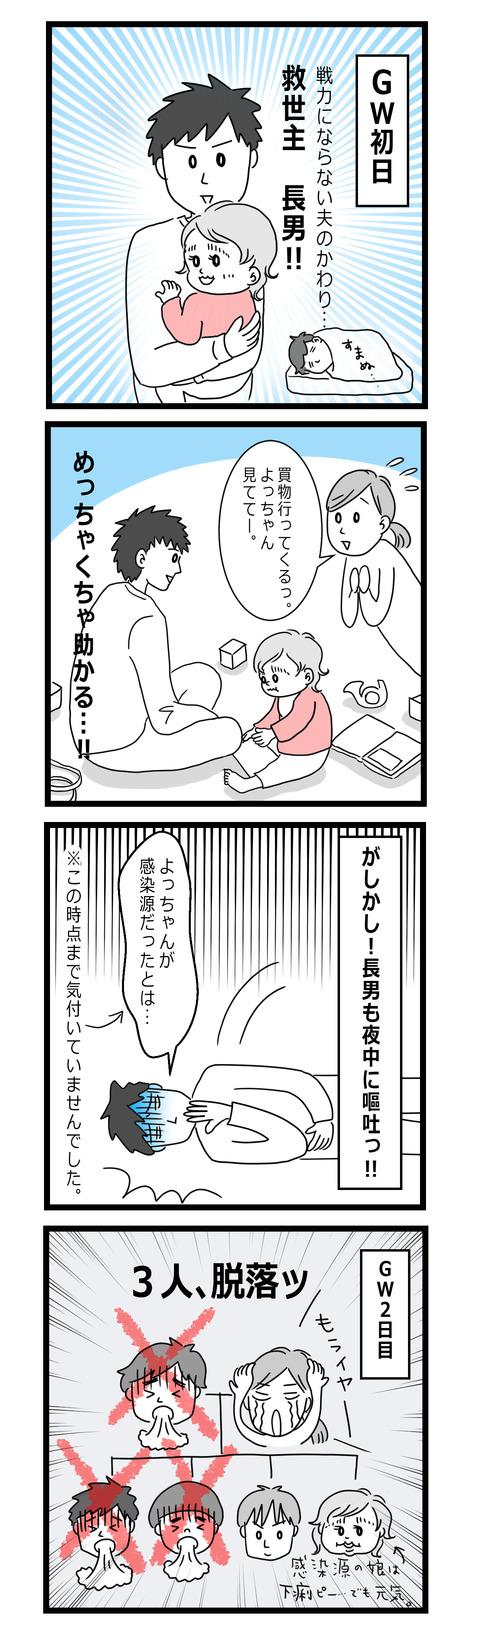 69 ひーもダウン(1才〜1才半)